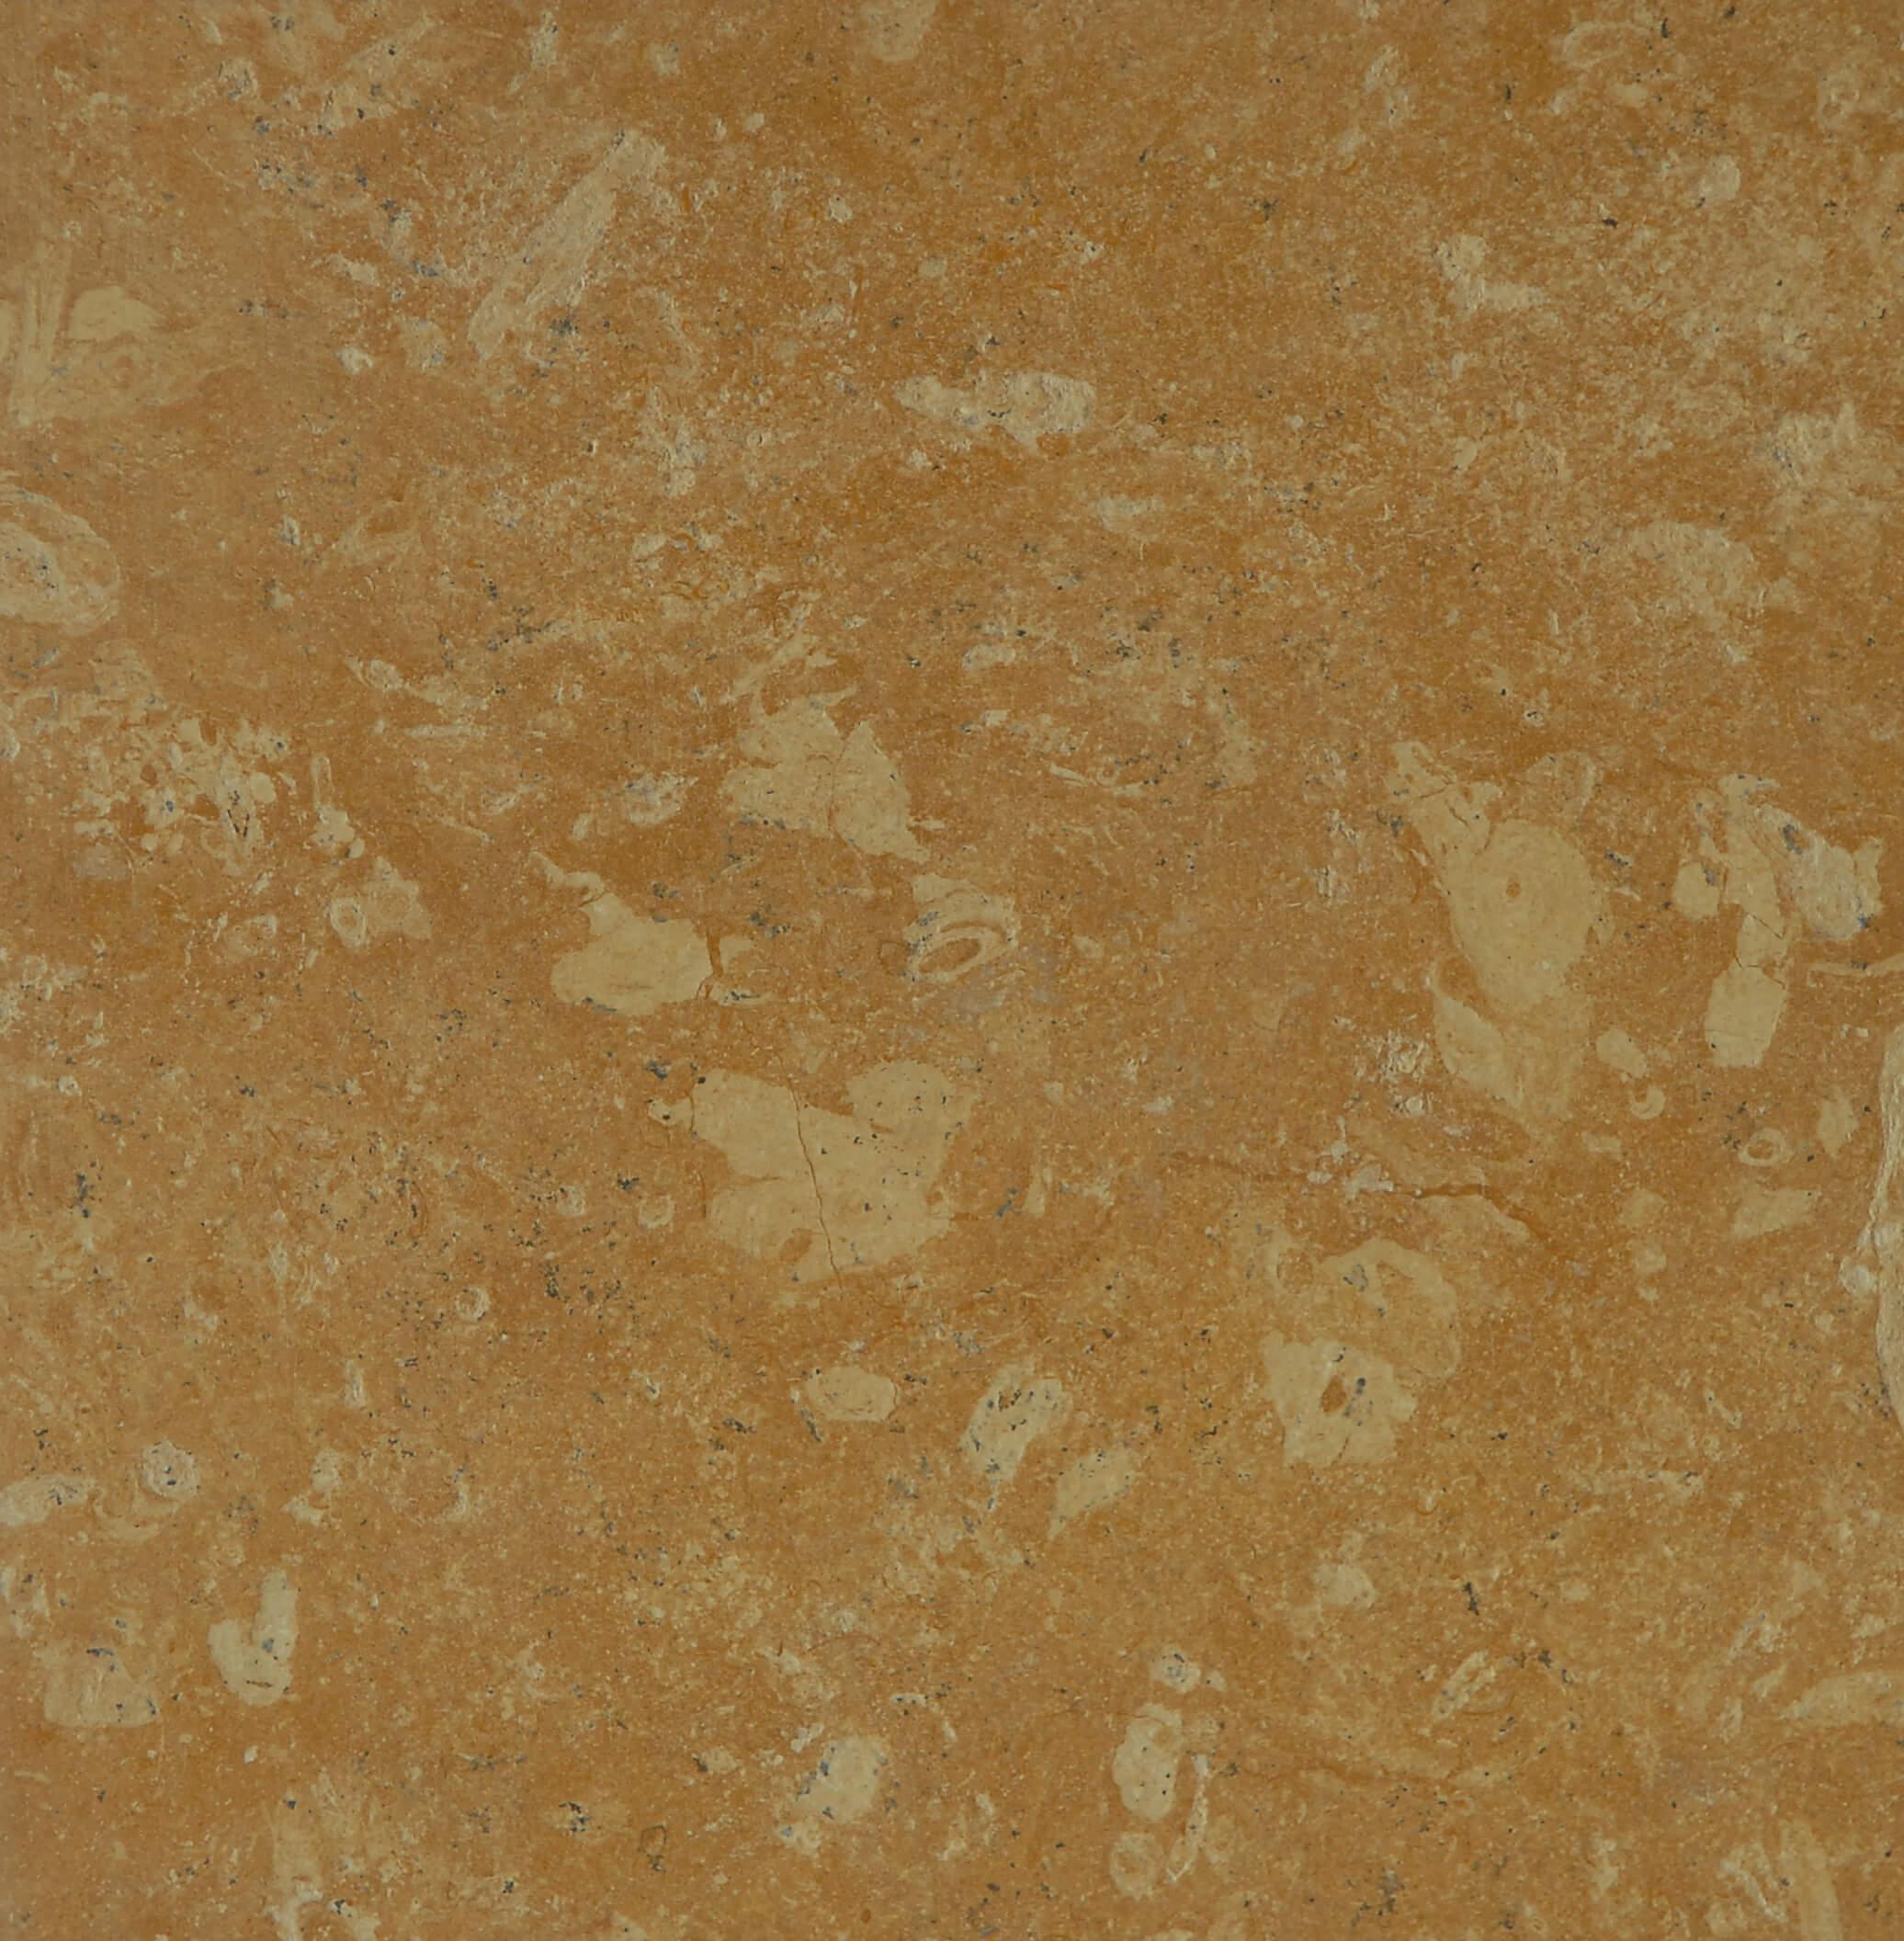 pavimenti-rivestimenti-in-pietra-calcarea